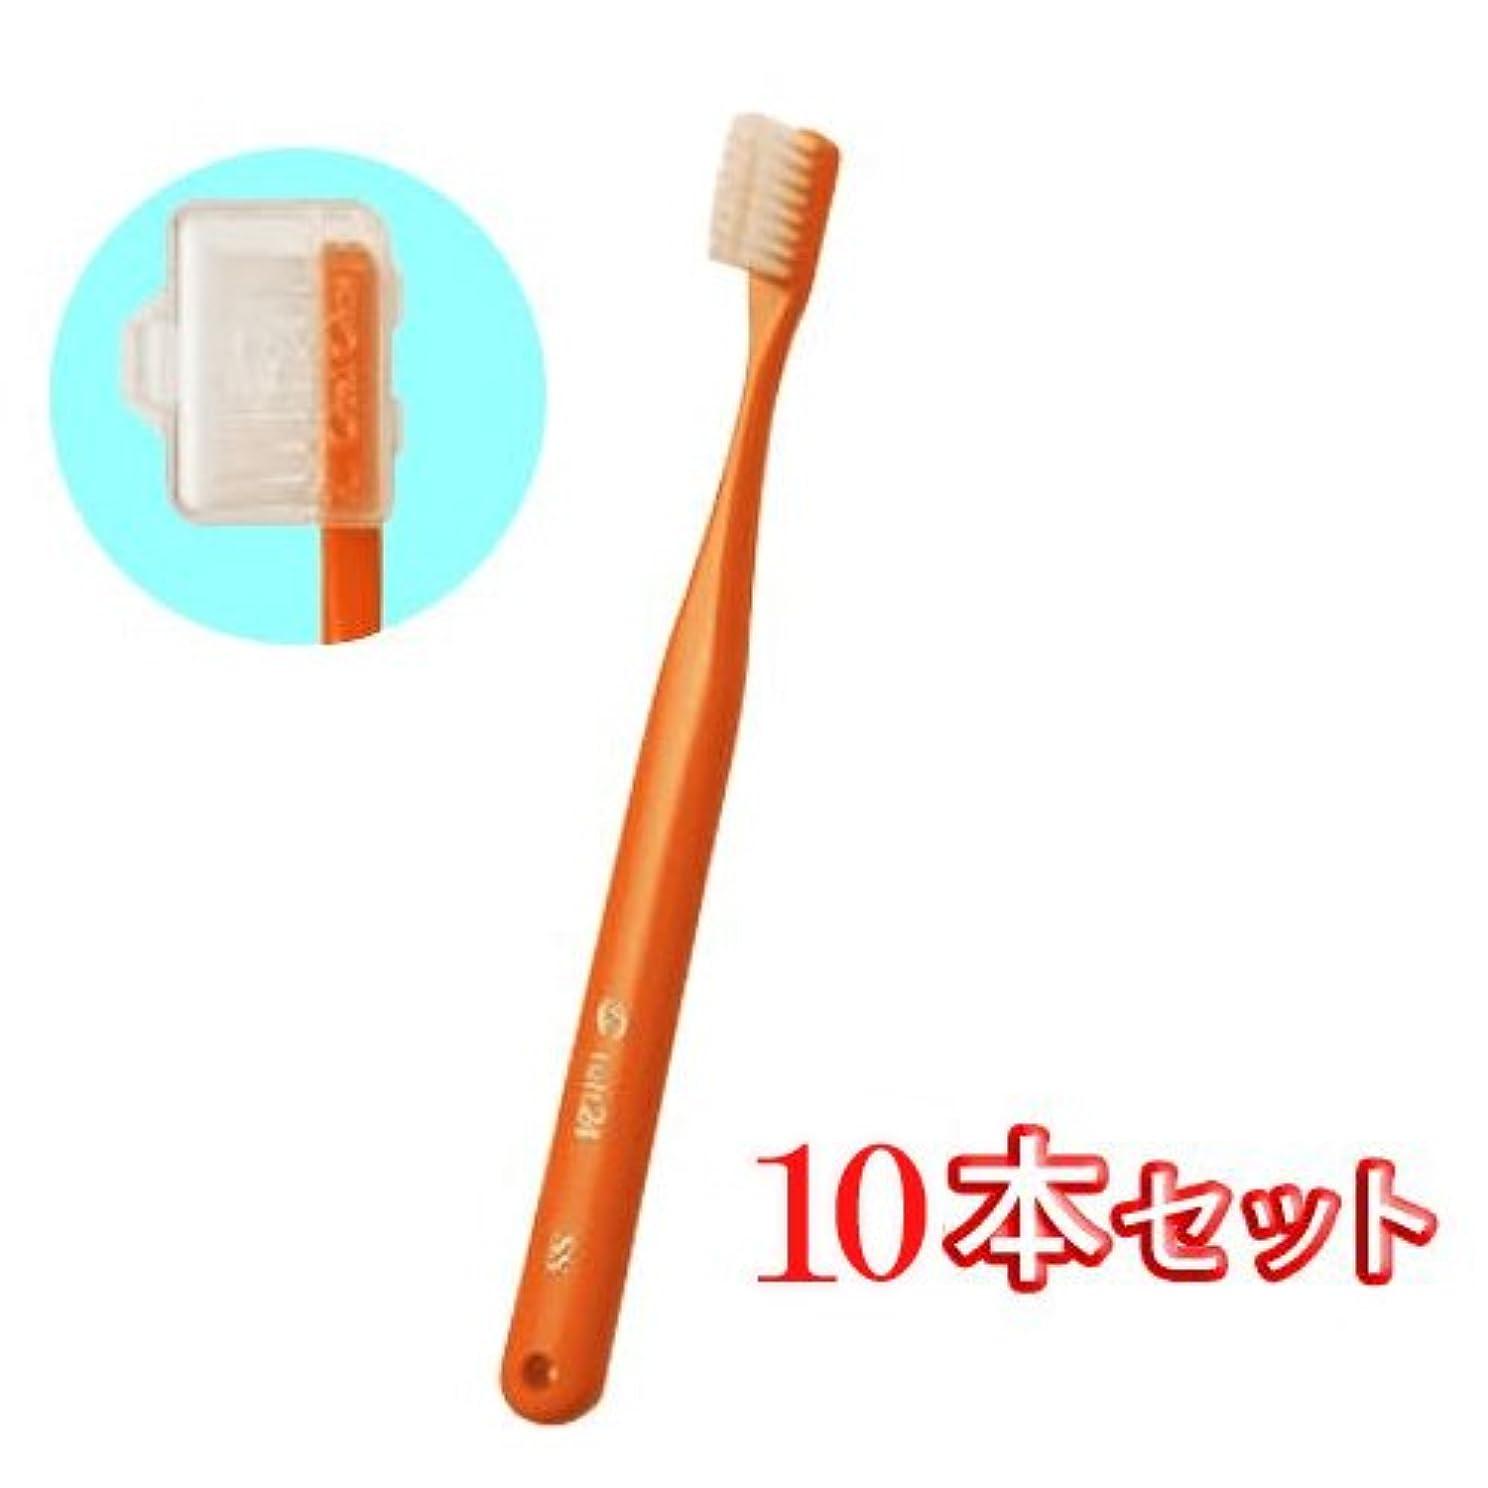 順番鳥結紮オーラルケア キャップ付き タフト 24 歯ブラシ スーパーソフト 10本 (オレンジ)